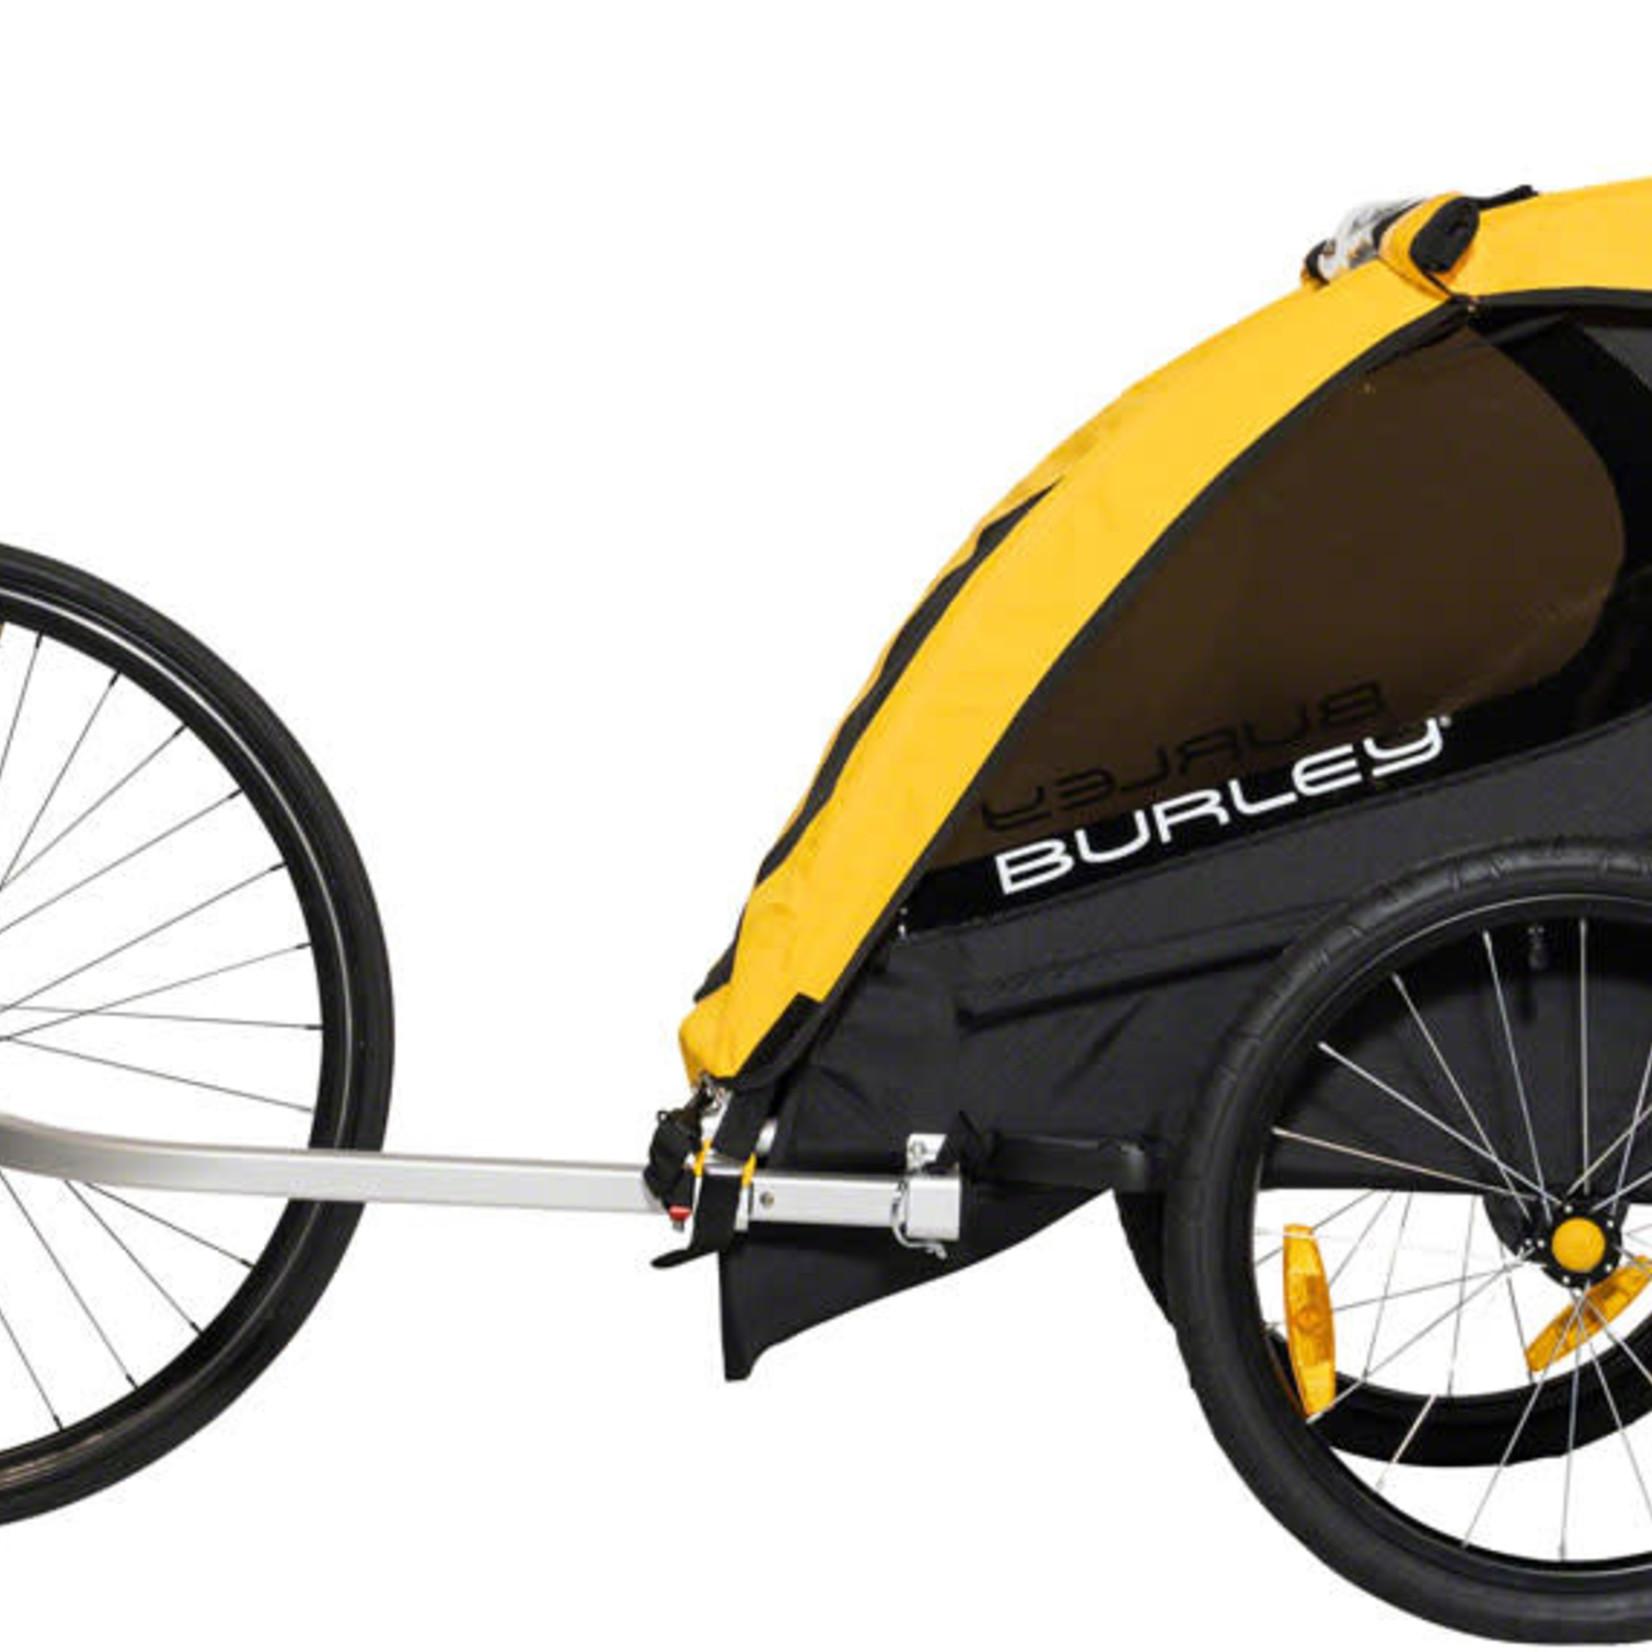 Burley Burley Bee Child Trailer - Single, Yellow